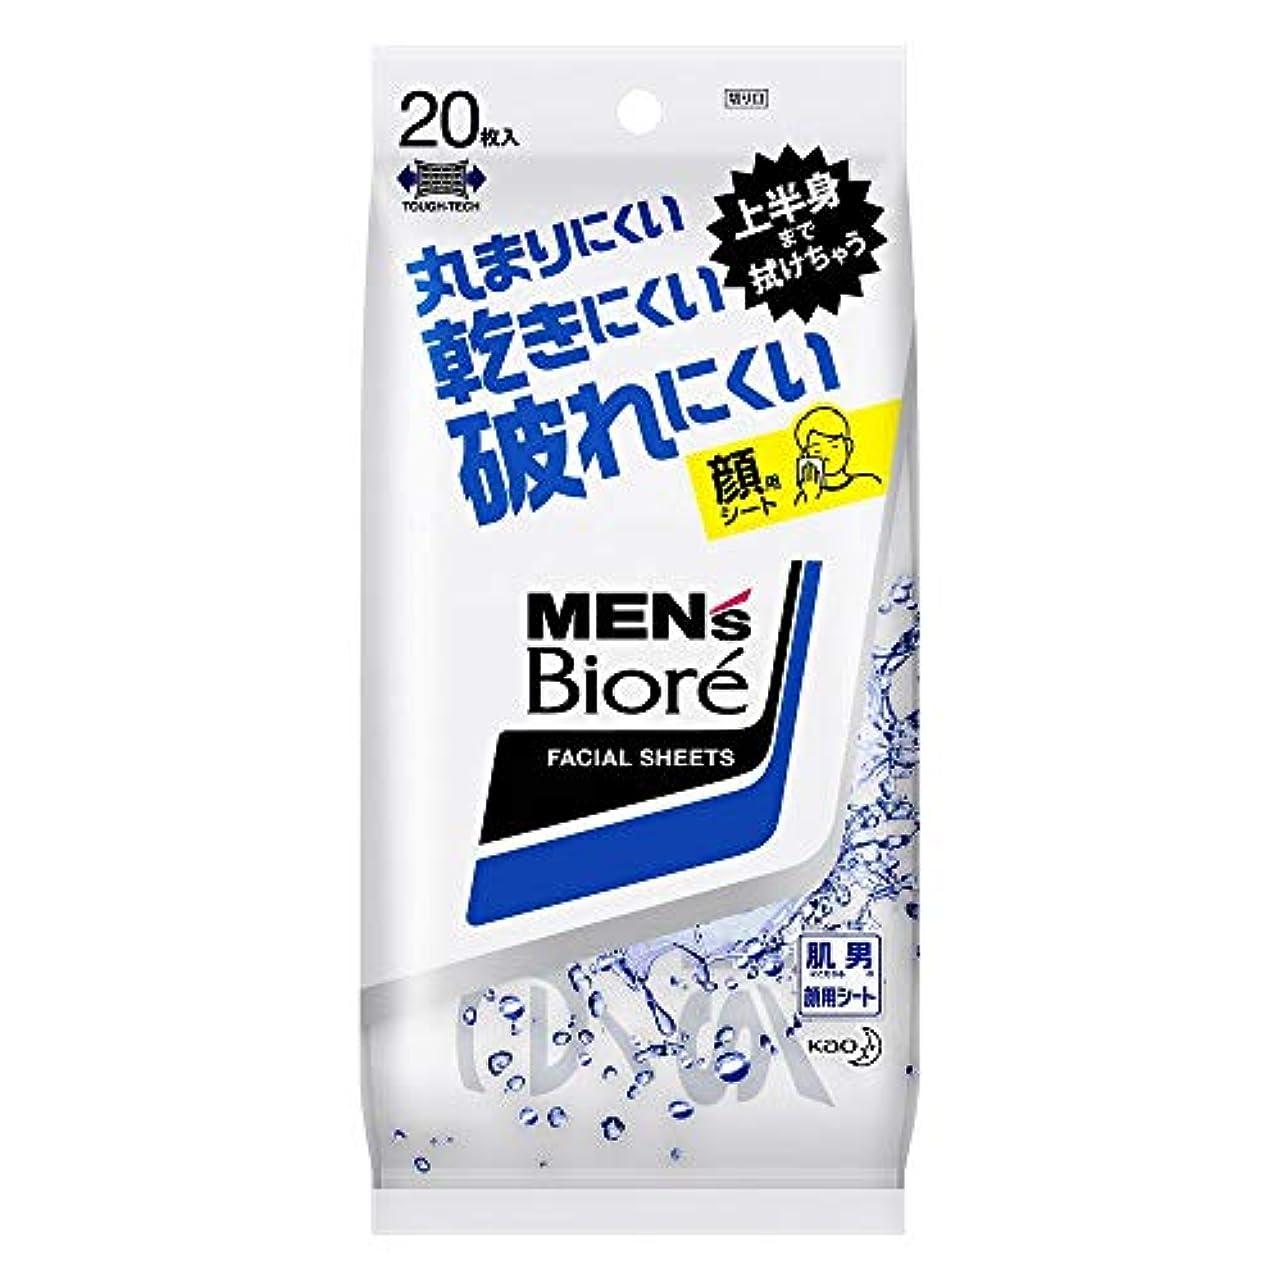 レキシコン面積コンパス花王 メンズビオレ 洗顔シート 携帯用 20枚